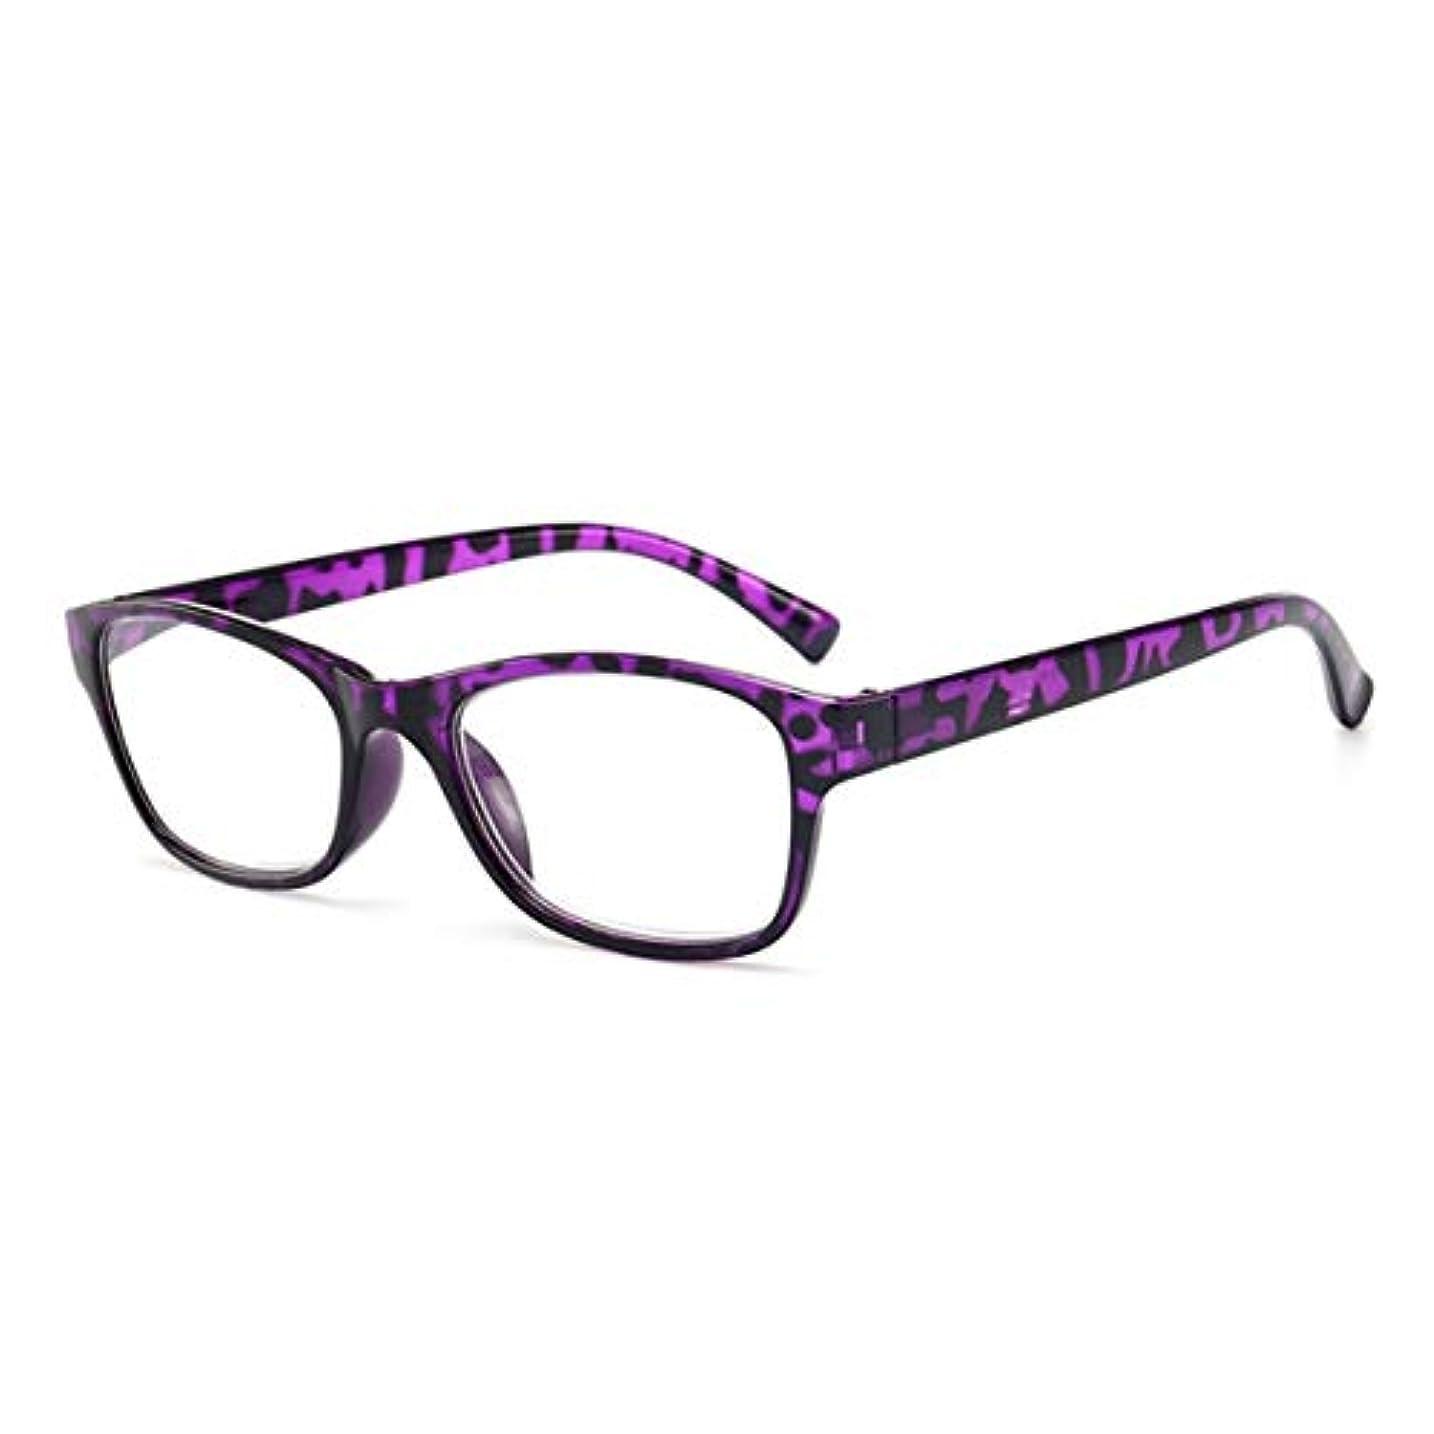 神経衰弱サスティーン電話するIntercorey T18162老眼鏡視度+1.0から+4.0女性男性フルフレームラウンドレンズ老眼メガネ超軽量抗疲労